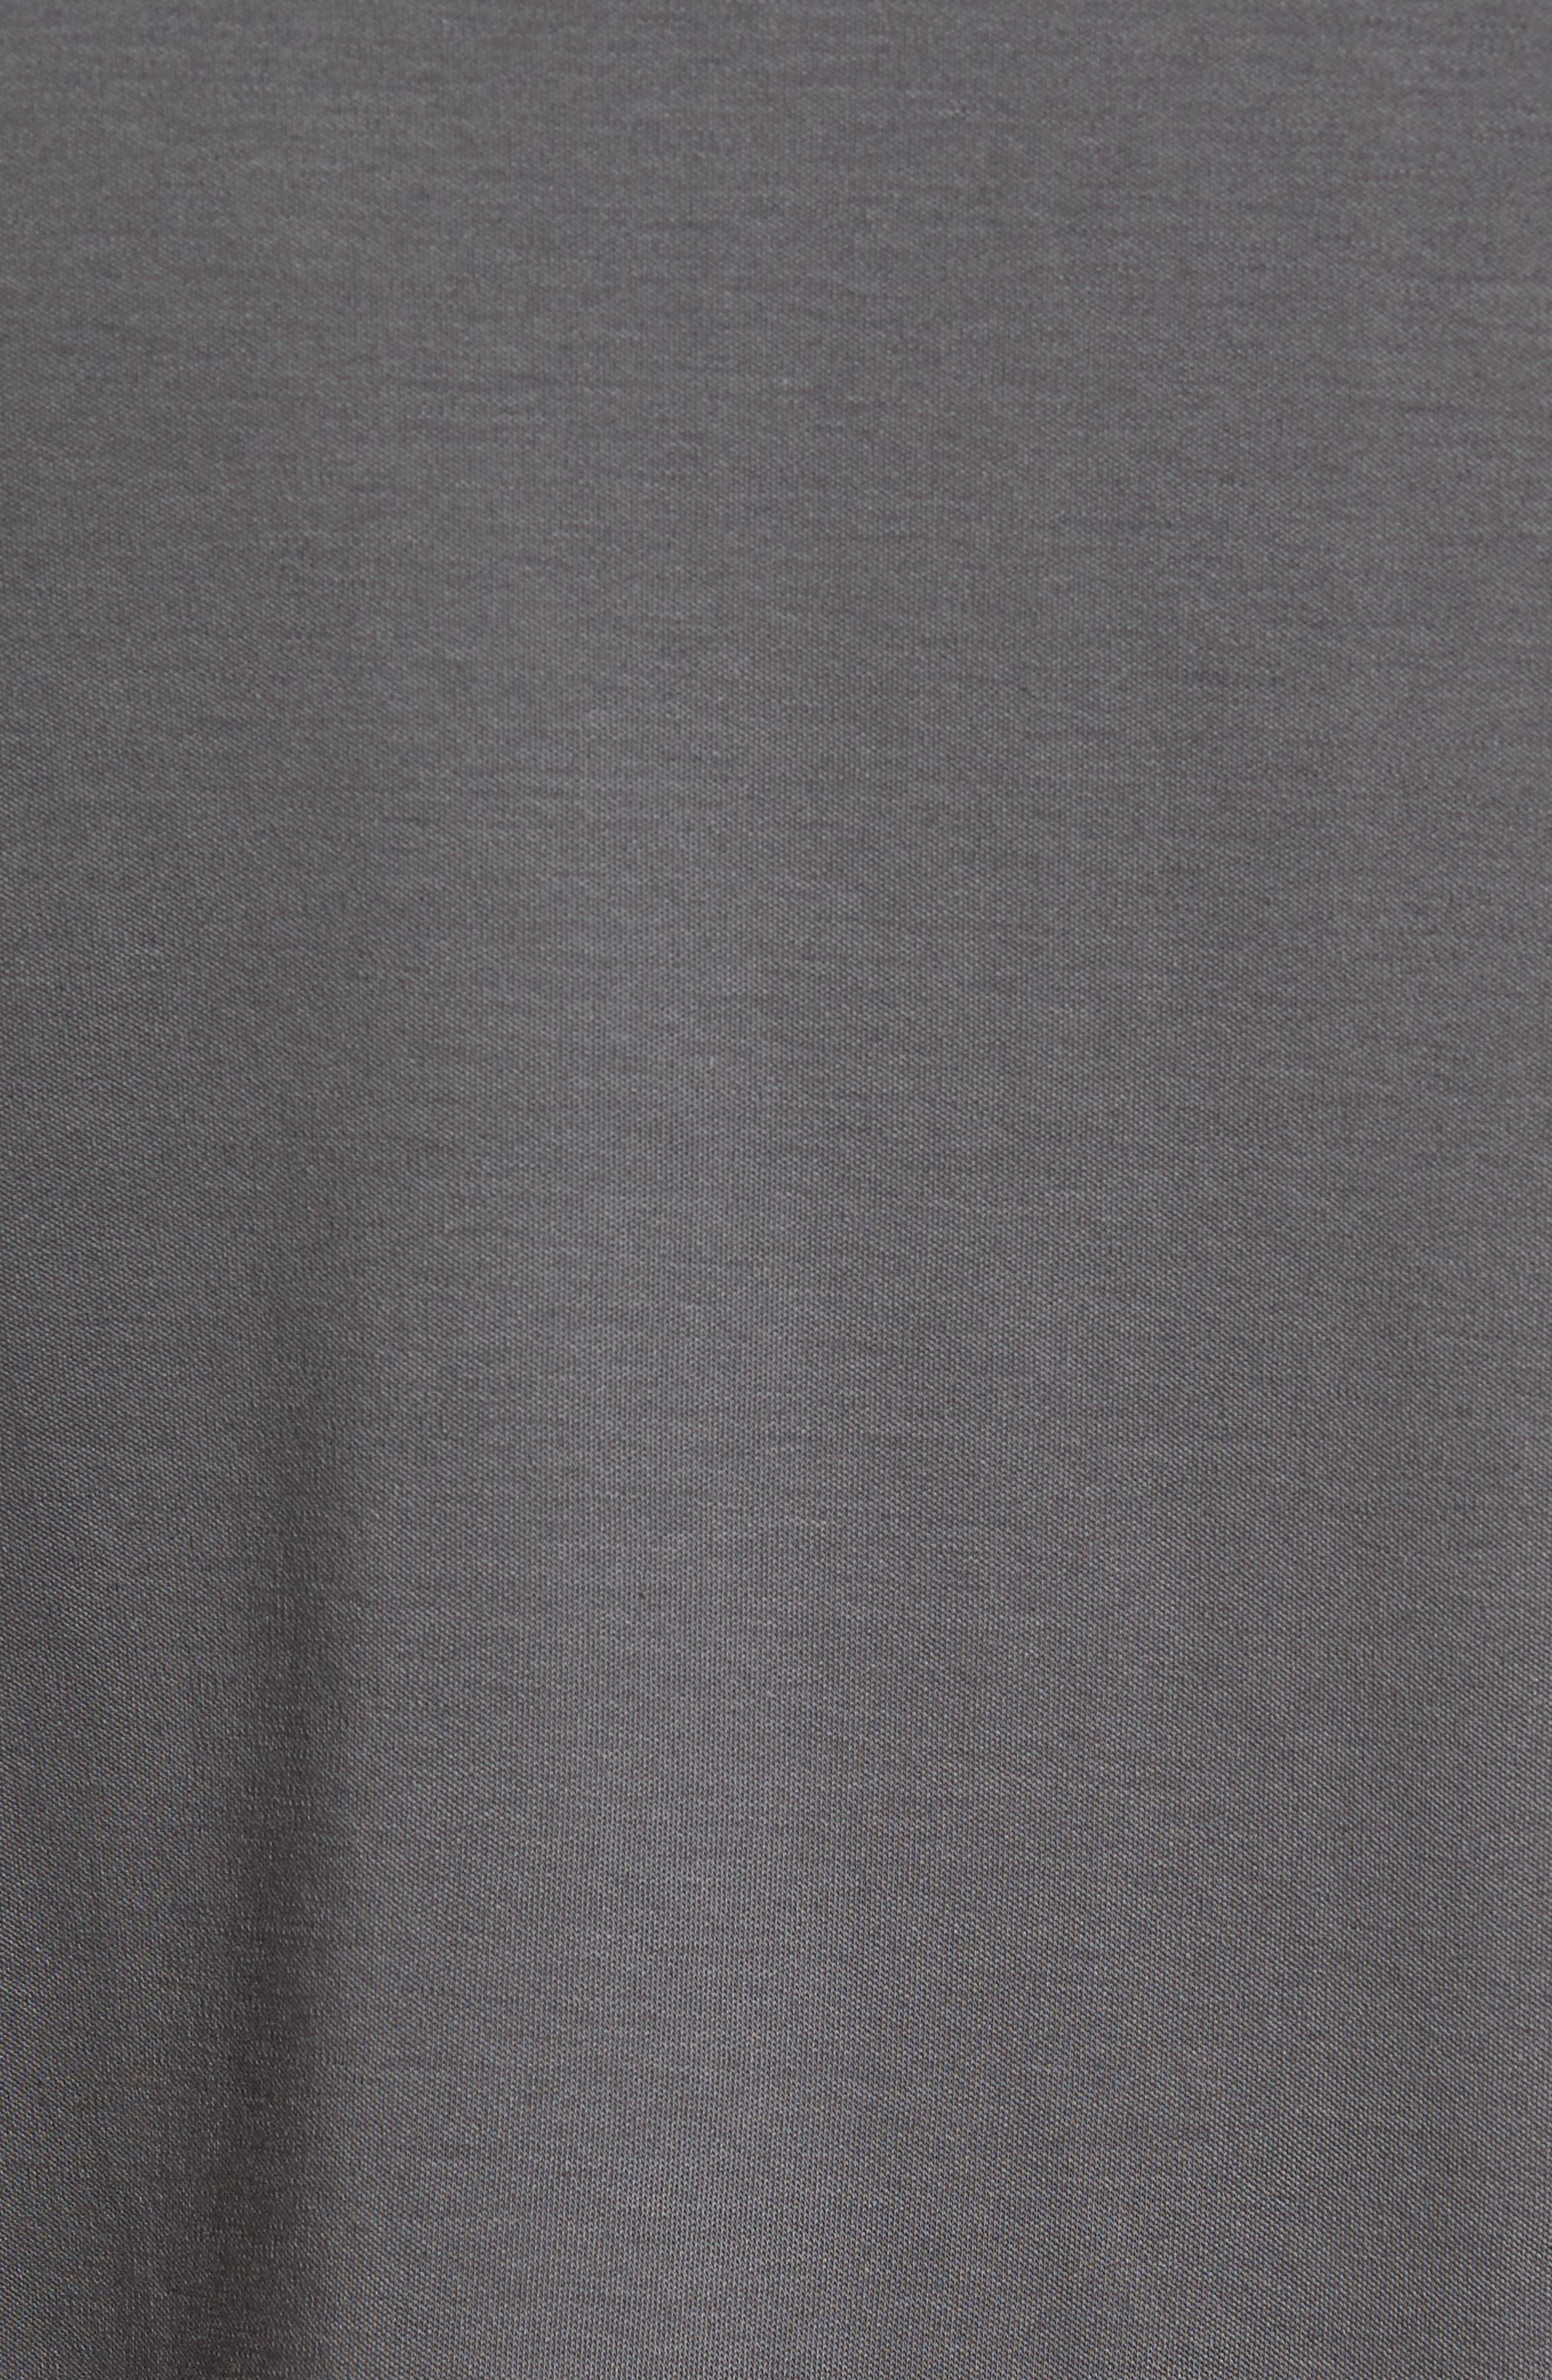 Alternate Image 5  - Robert Barakett Georgia Regular Fit V-Neck T-Shirt